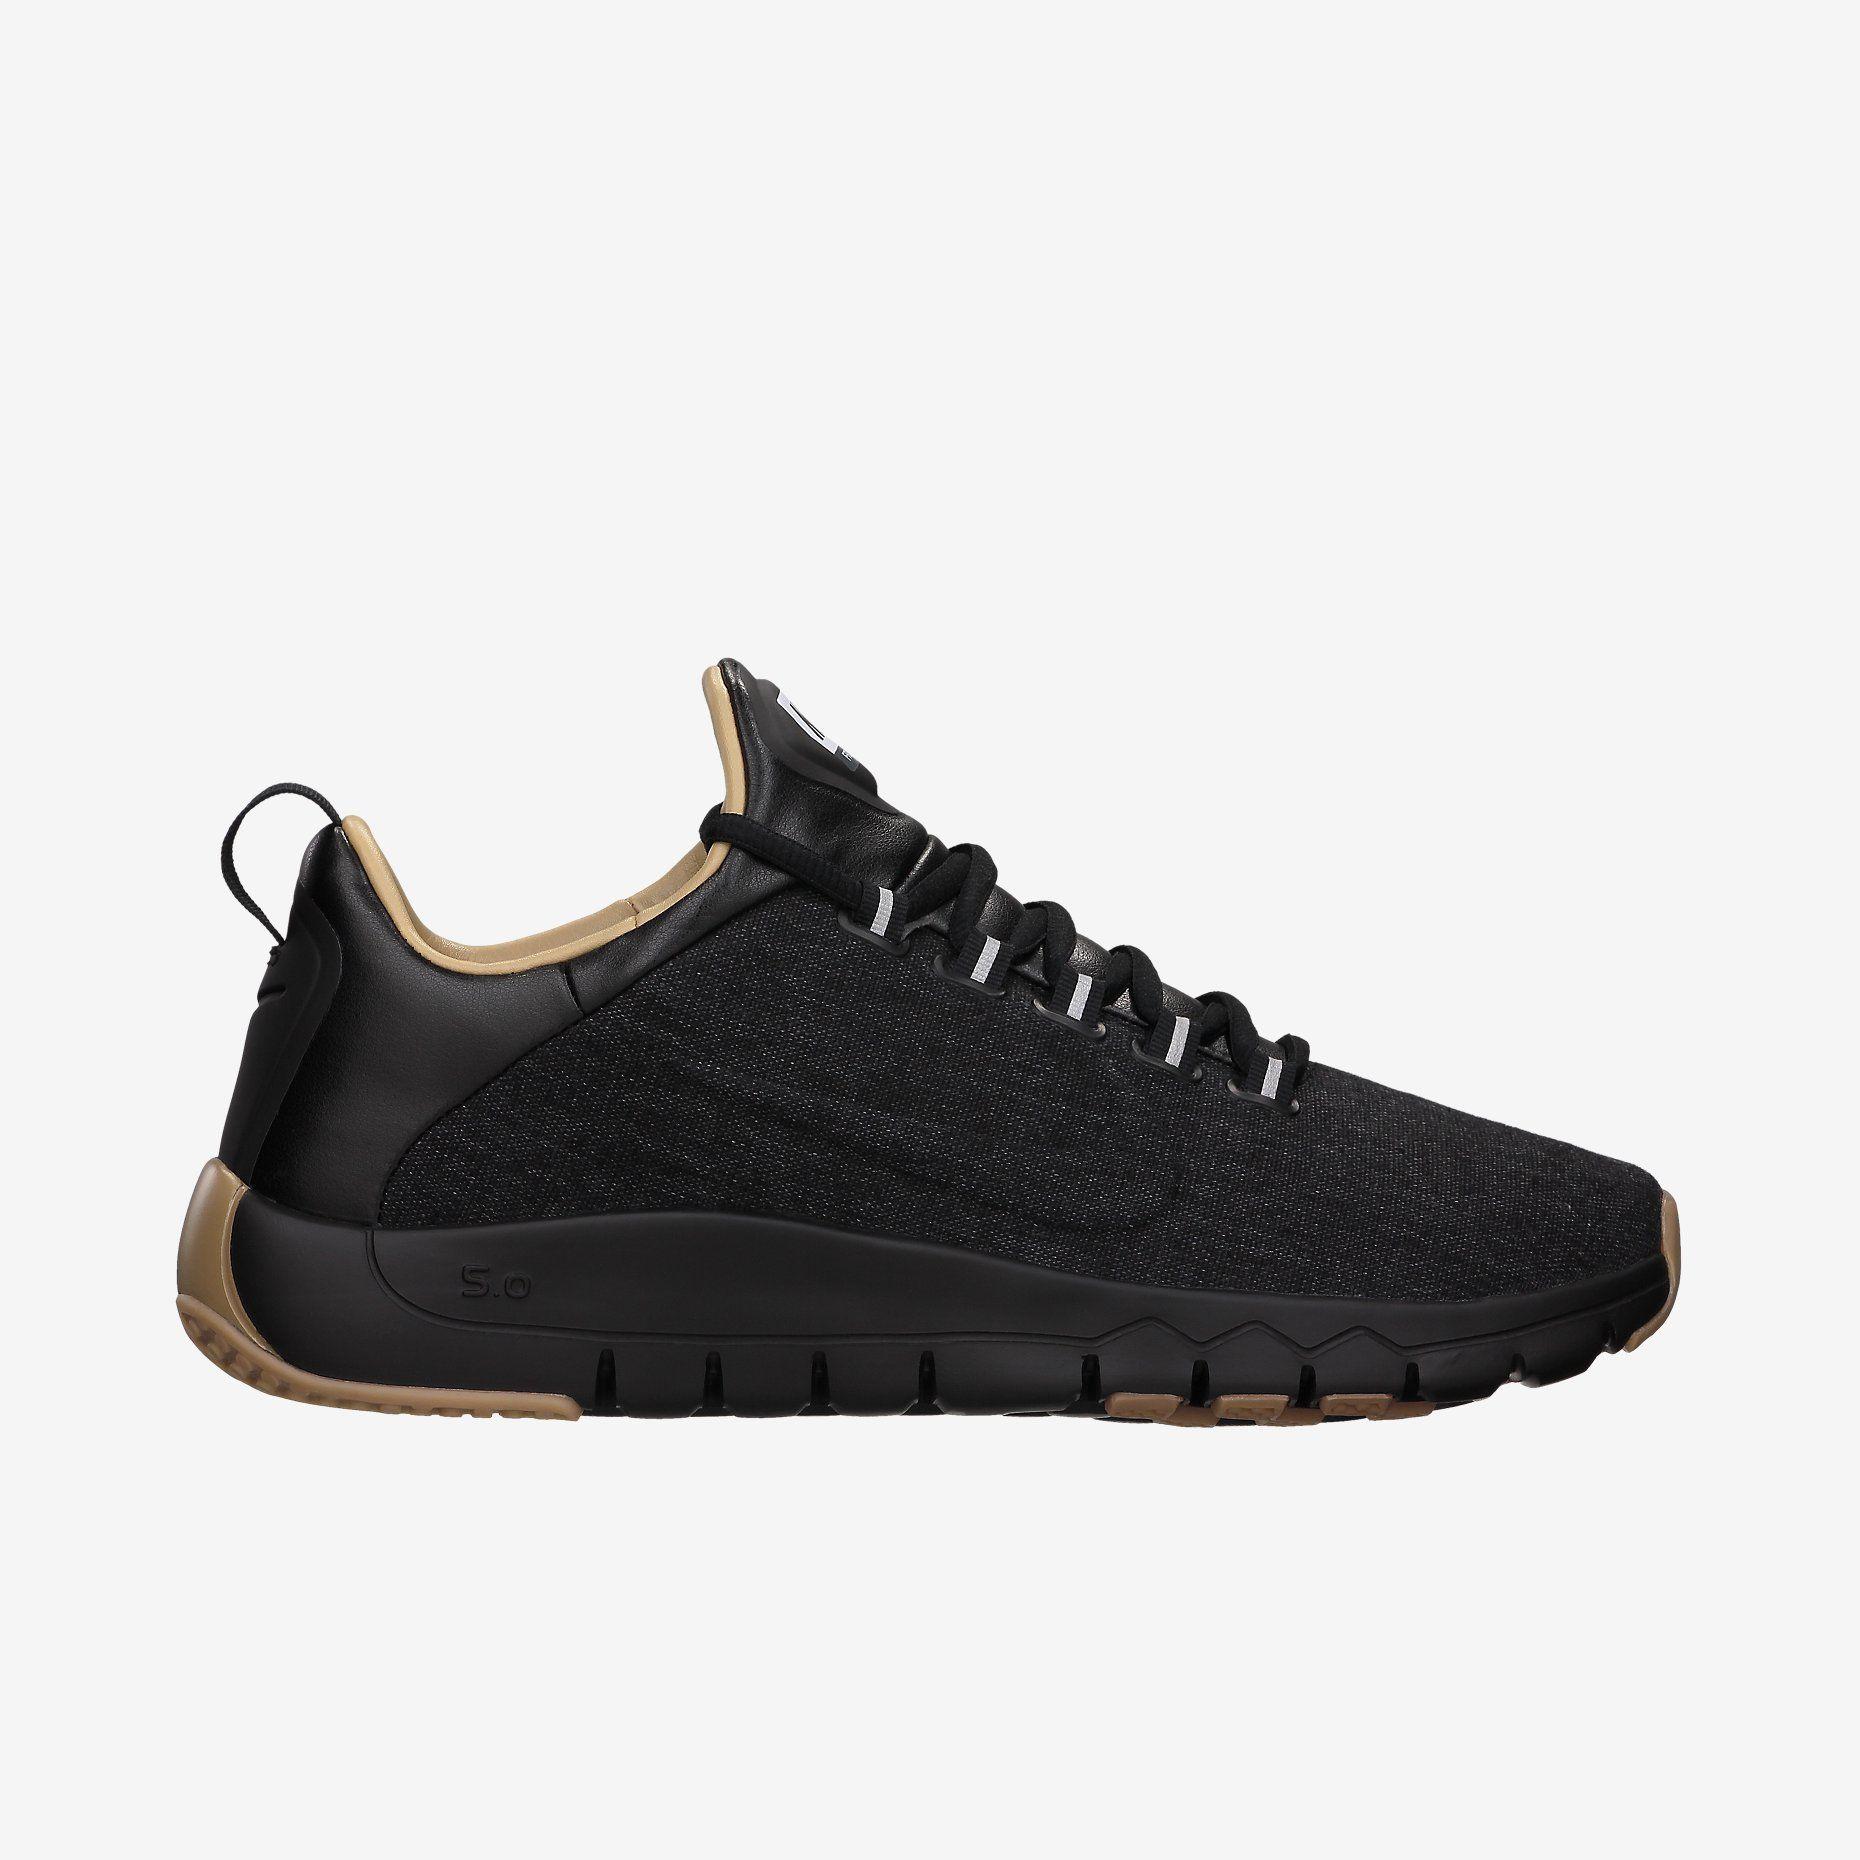 innovative design 3829c 87b29 Nike Free TR 5.0 Premium Men's Training Shoe. Nike Store ...